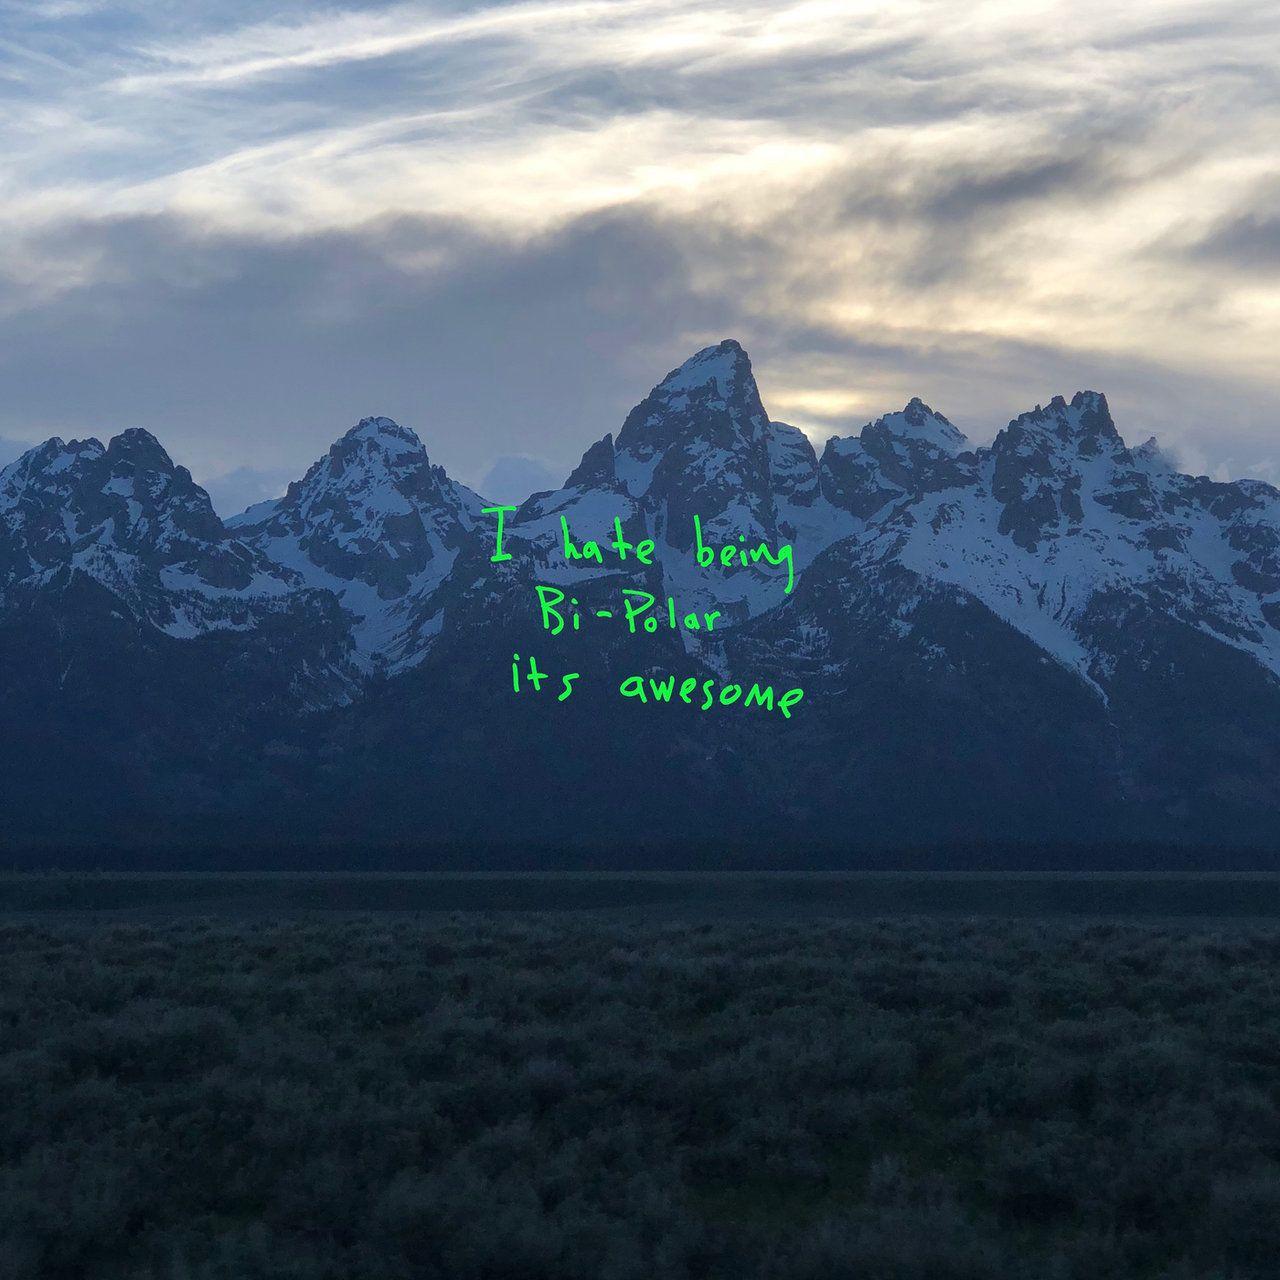 Kanye West - Ye album cover